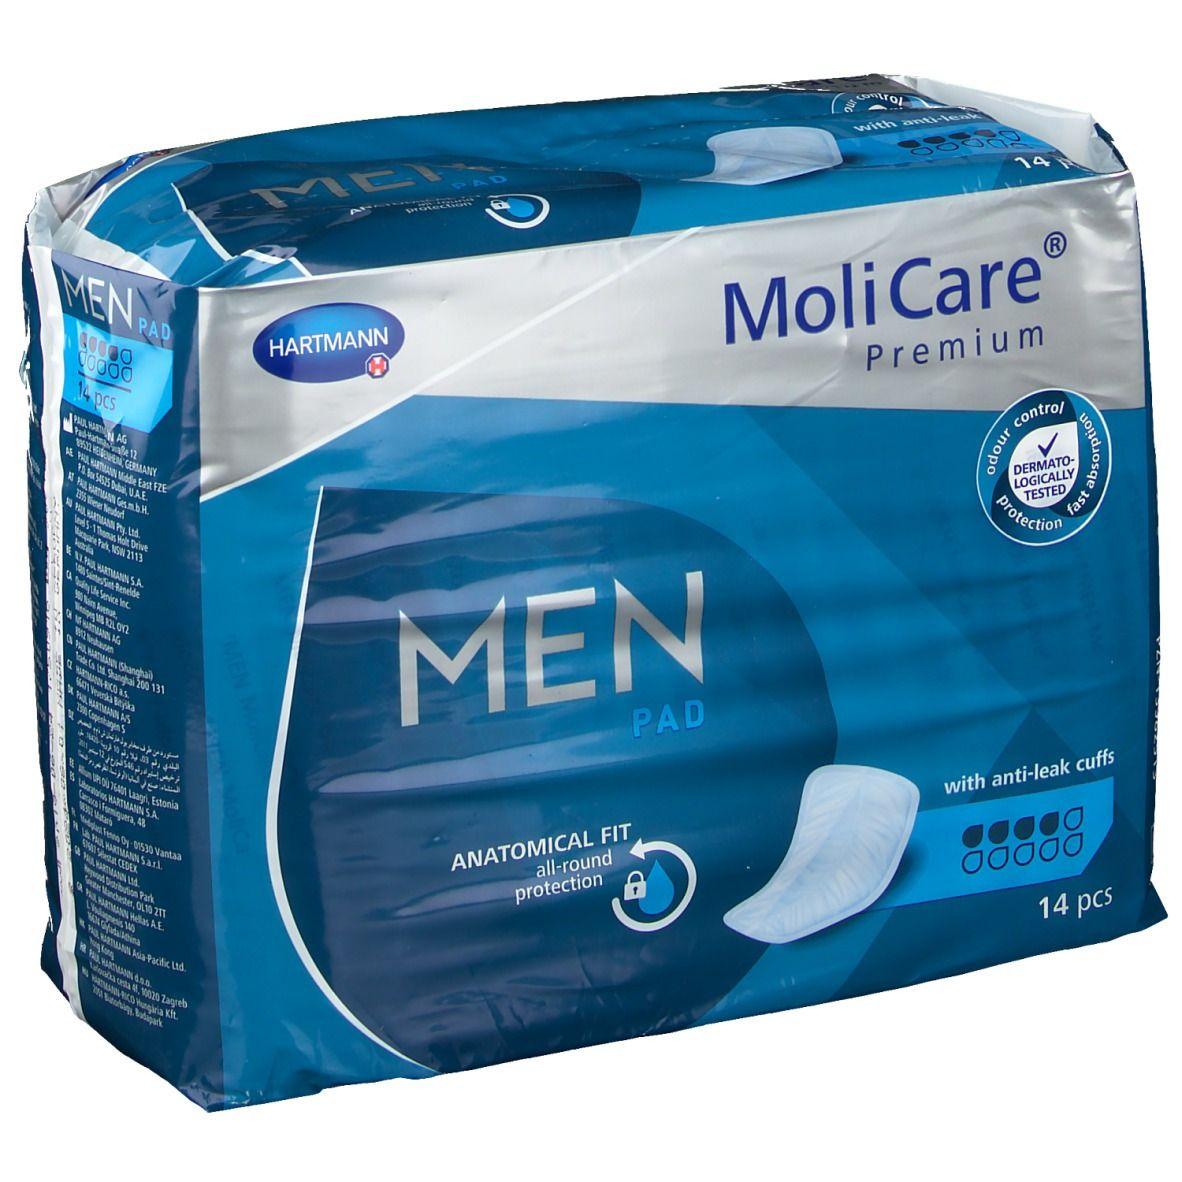 MoliCare® Premium MEN pad 4